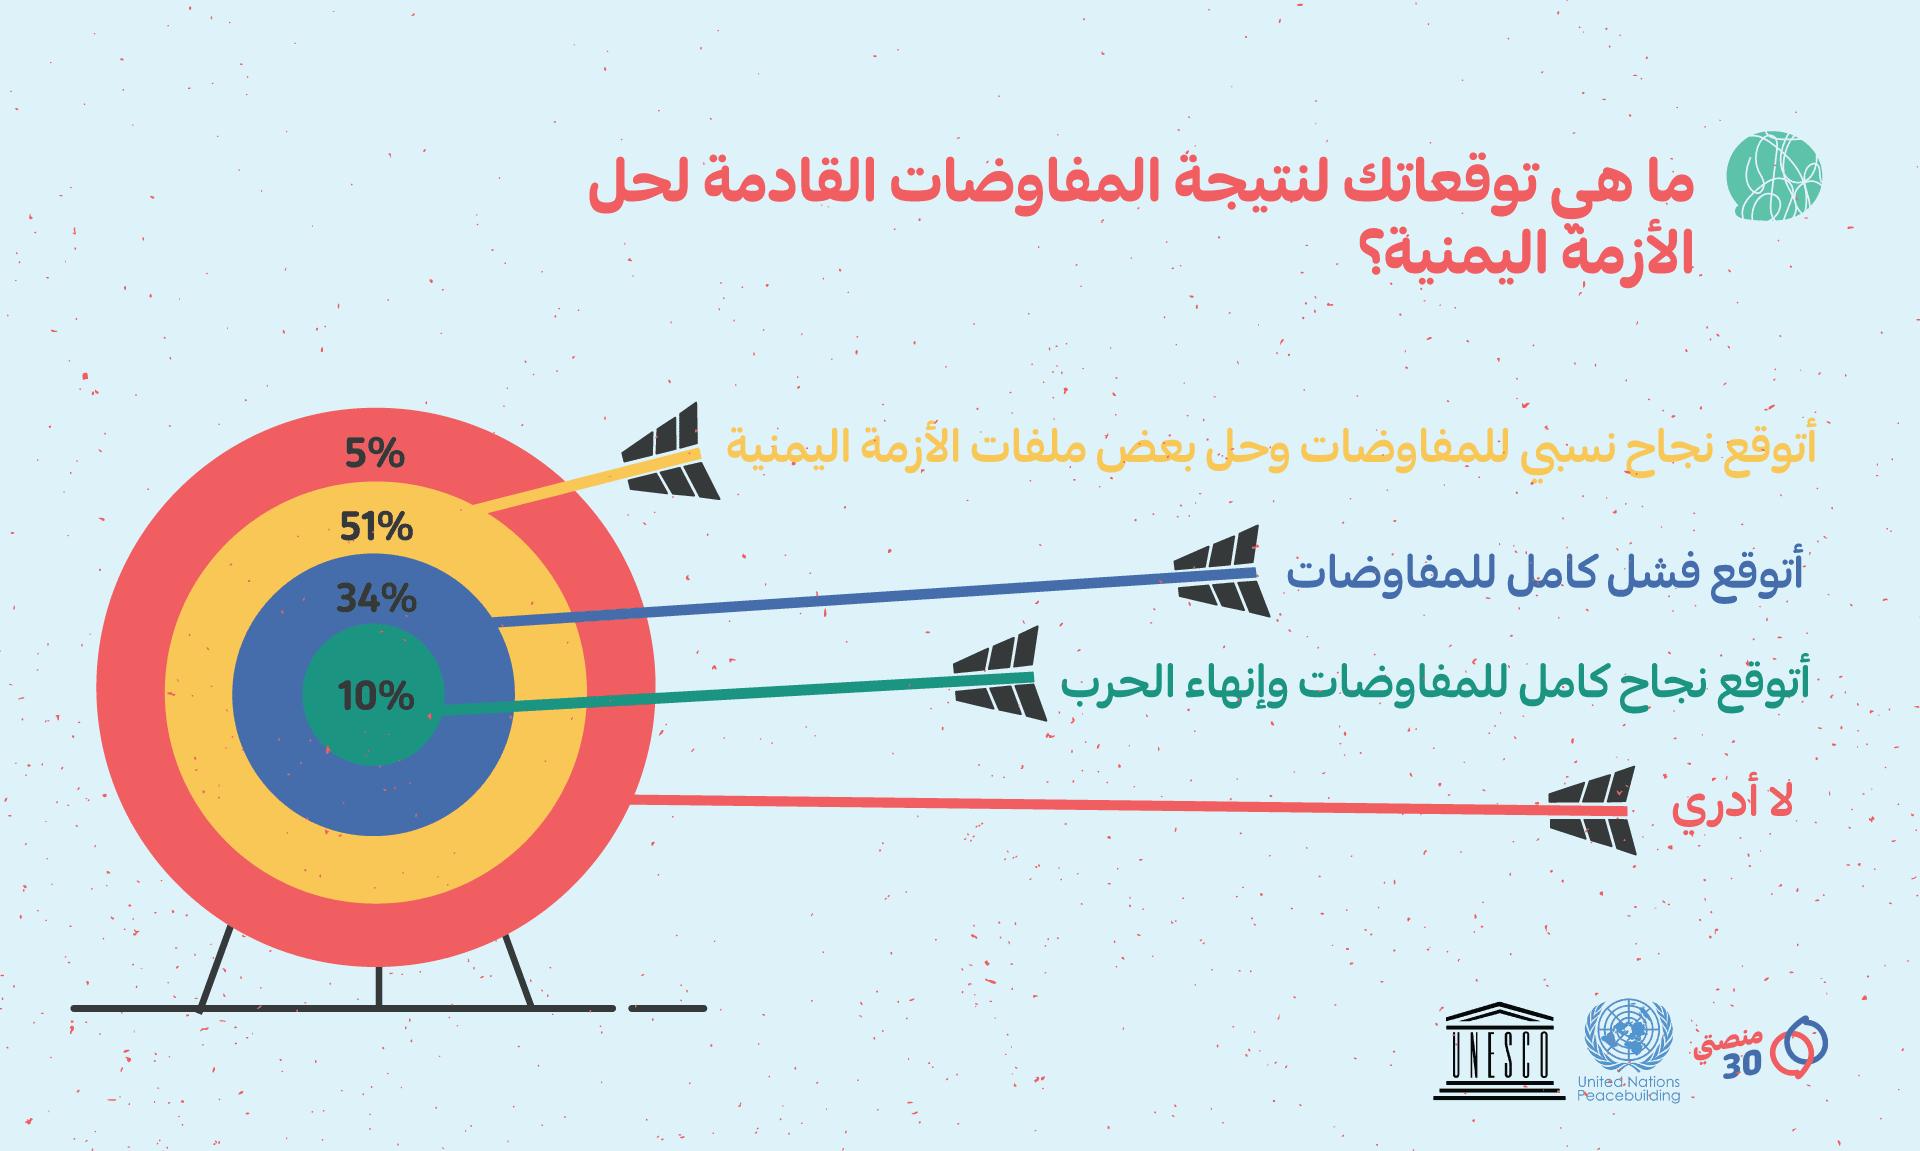 إجابة سؤال حول توقعات نتيجة مفاوضات السلام